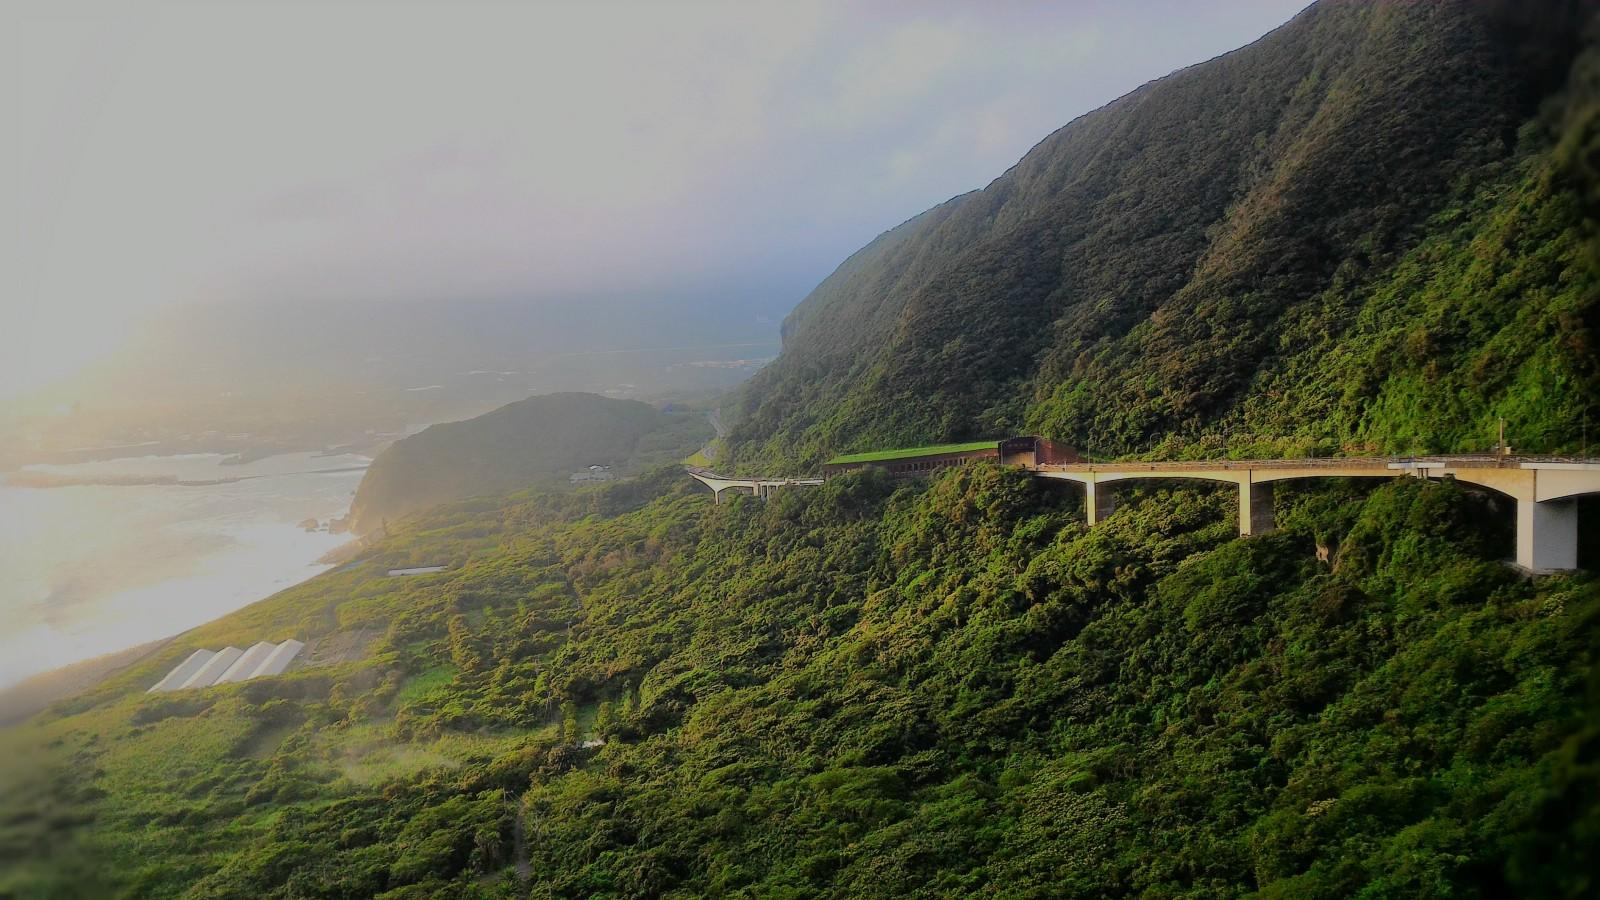 Japan Road Trip: 10 Scenic Driving Roads in Japan